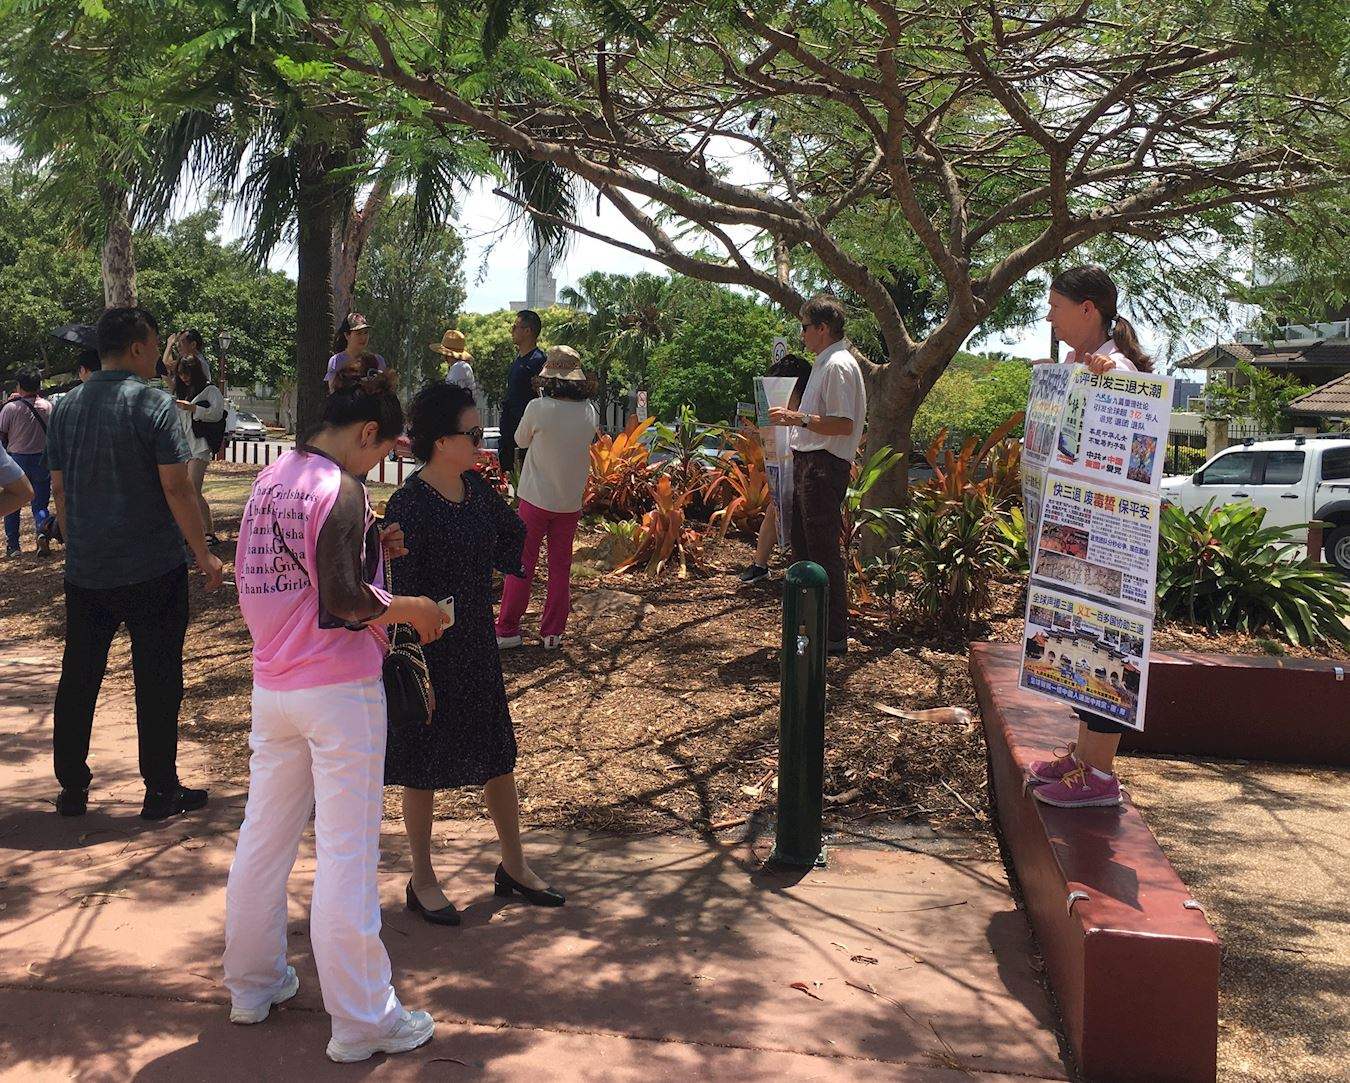 修煉法輪功的西人夫婦John(約翰)和Amanda(阿曼達)向中國遊客展示真相。(明慧網)